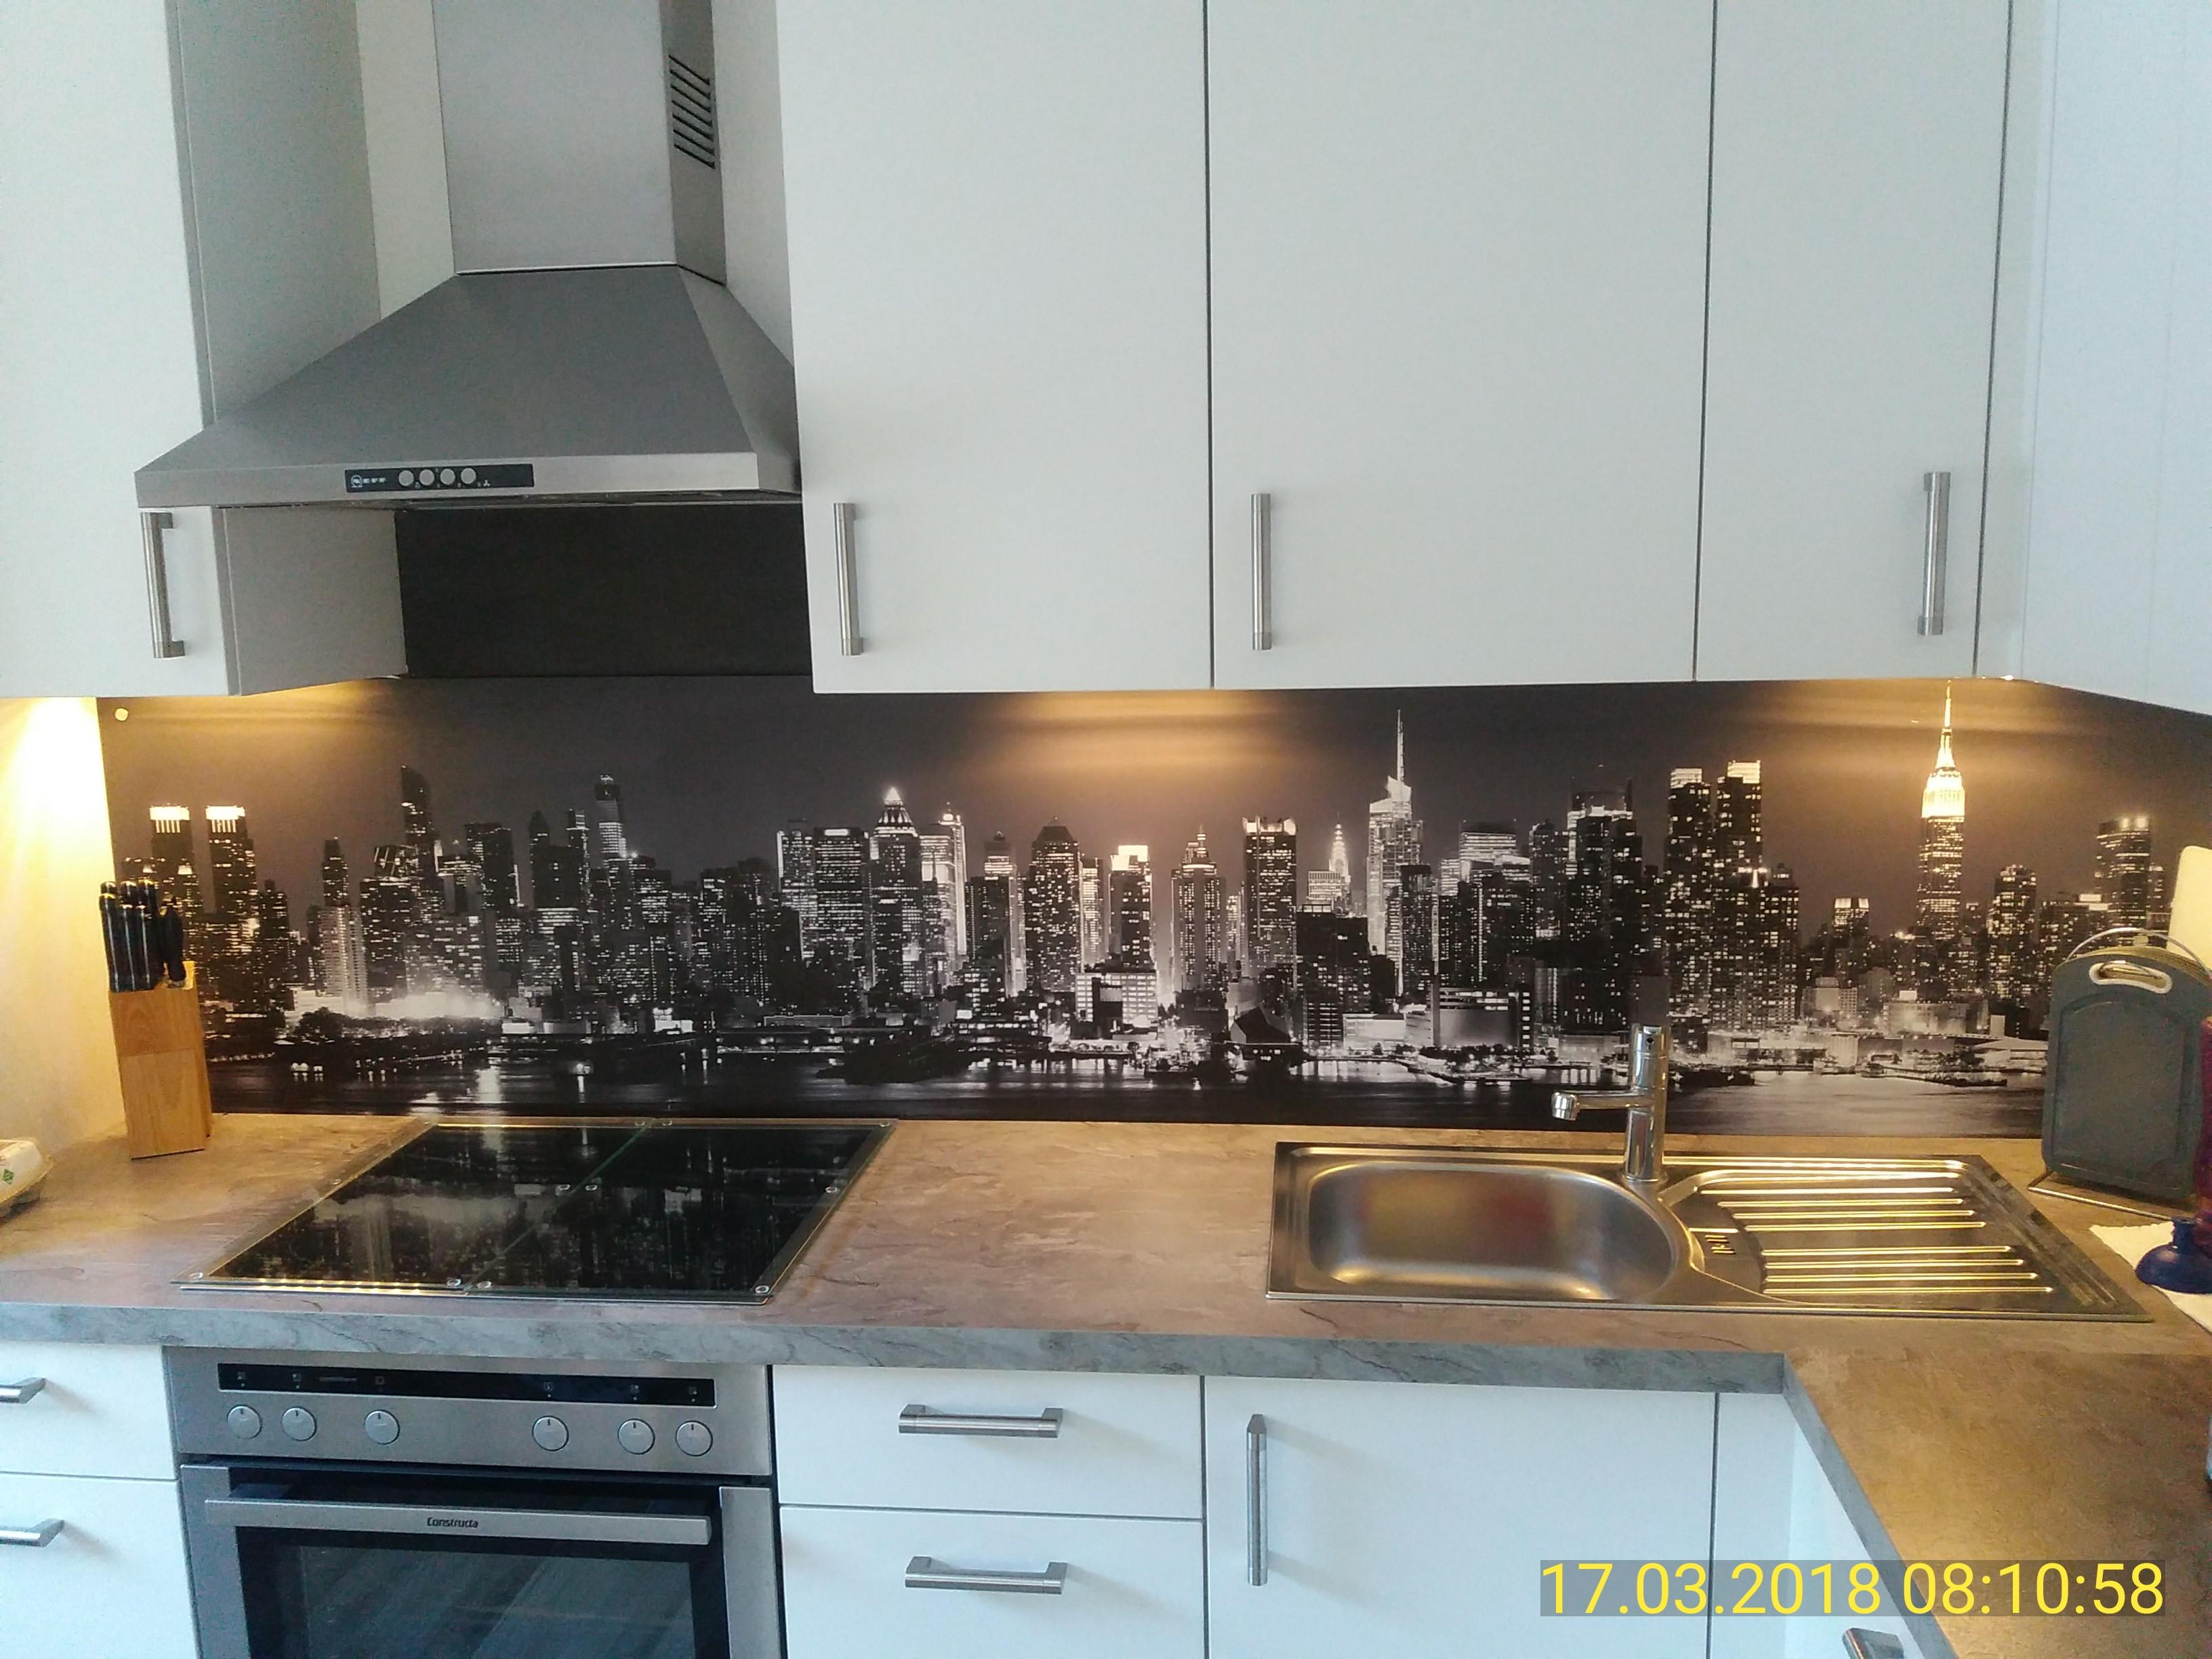 Schön Küche Versorgung New York City Bilder - Küchenschrank Ideen ...